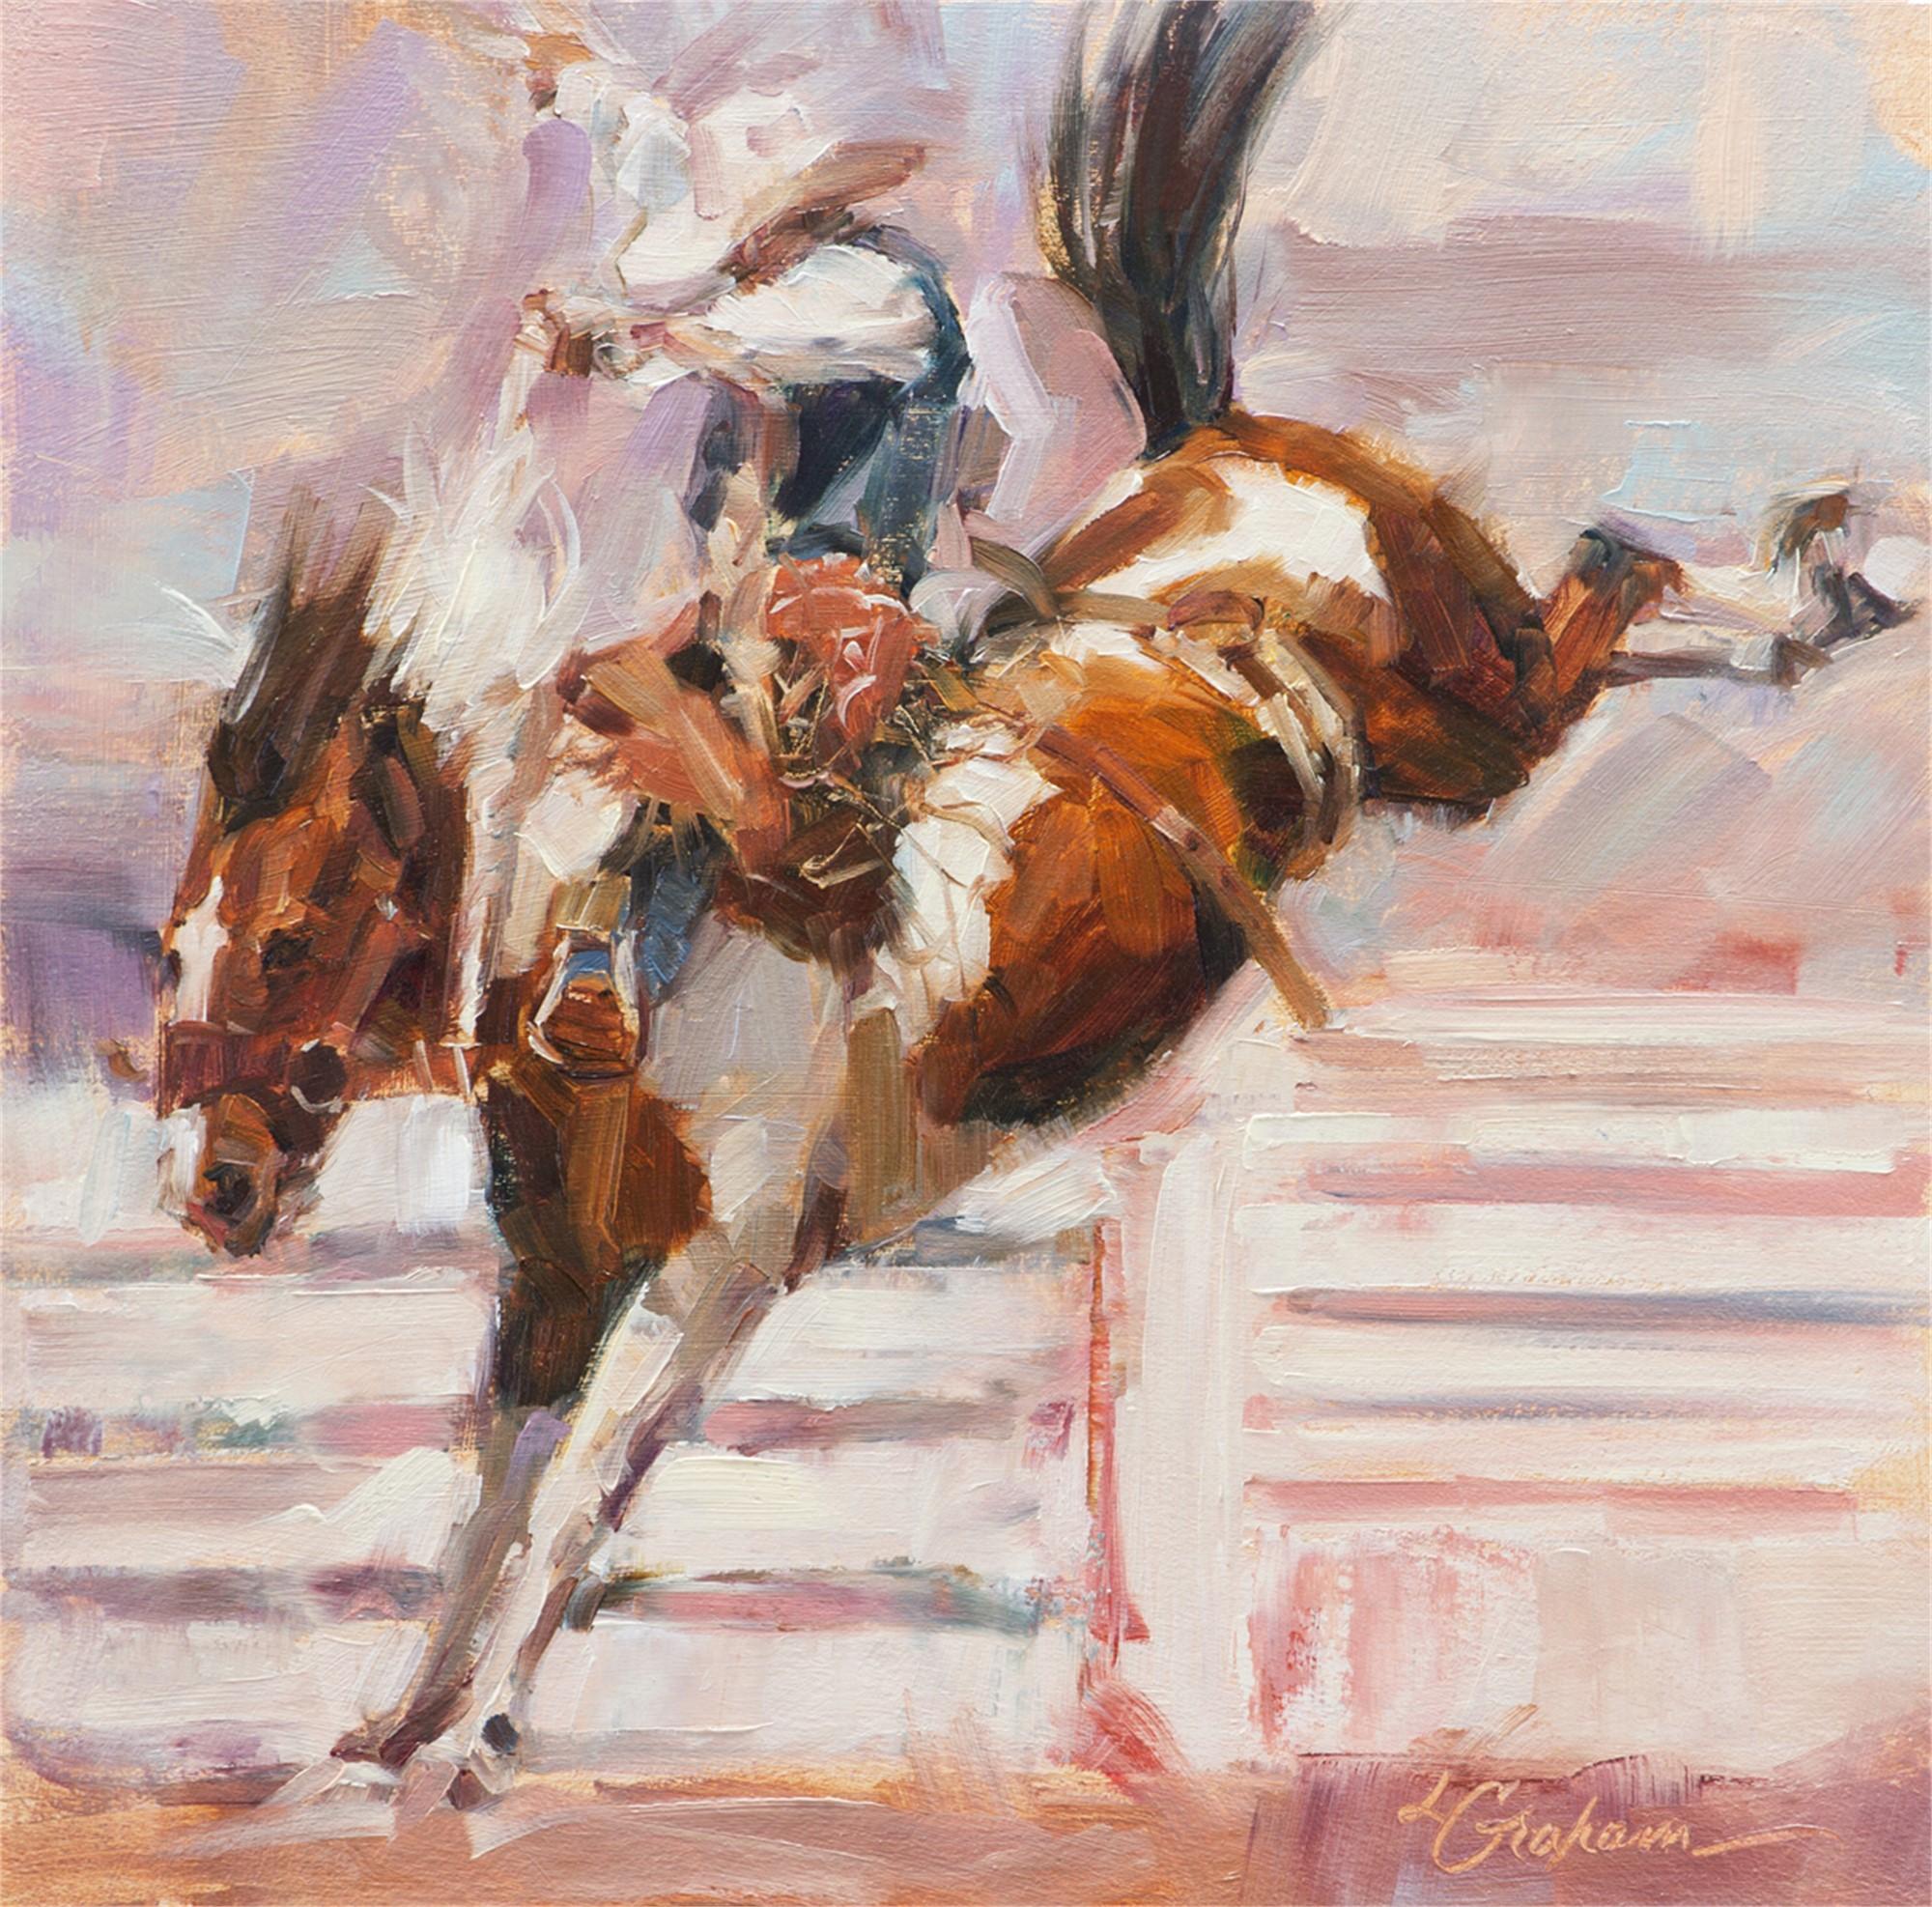 Flying Paint by Lindsey Bittner Graham